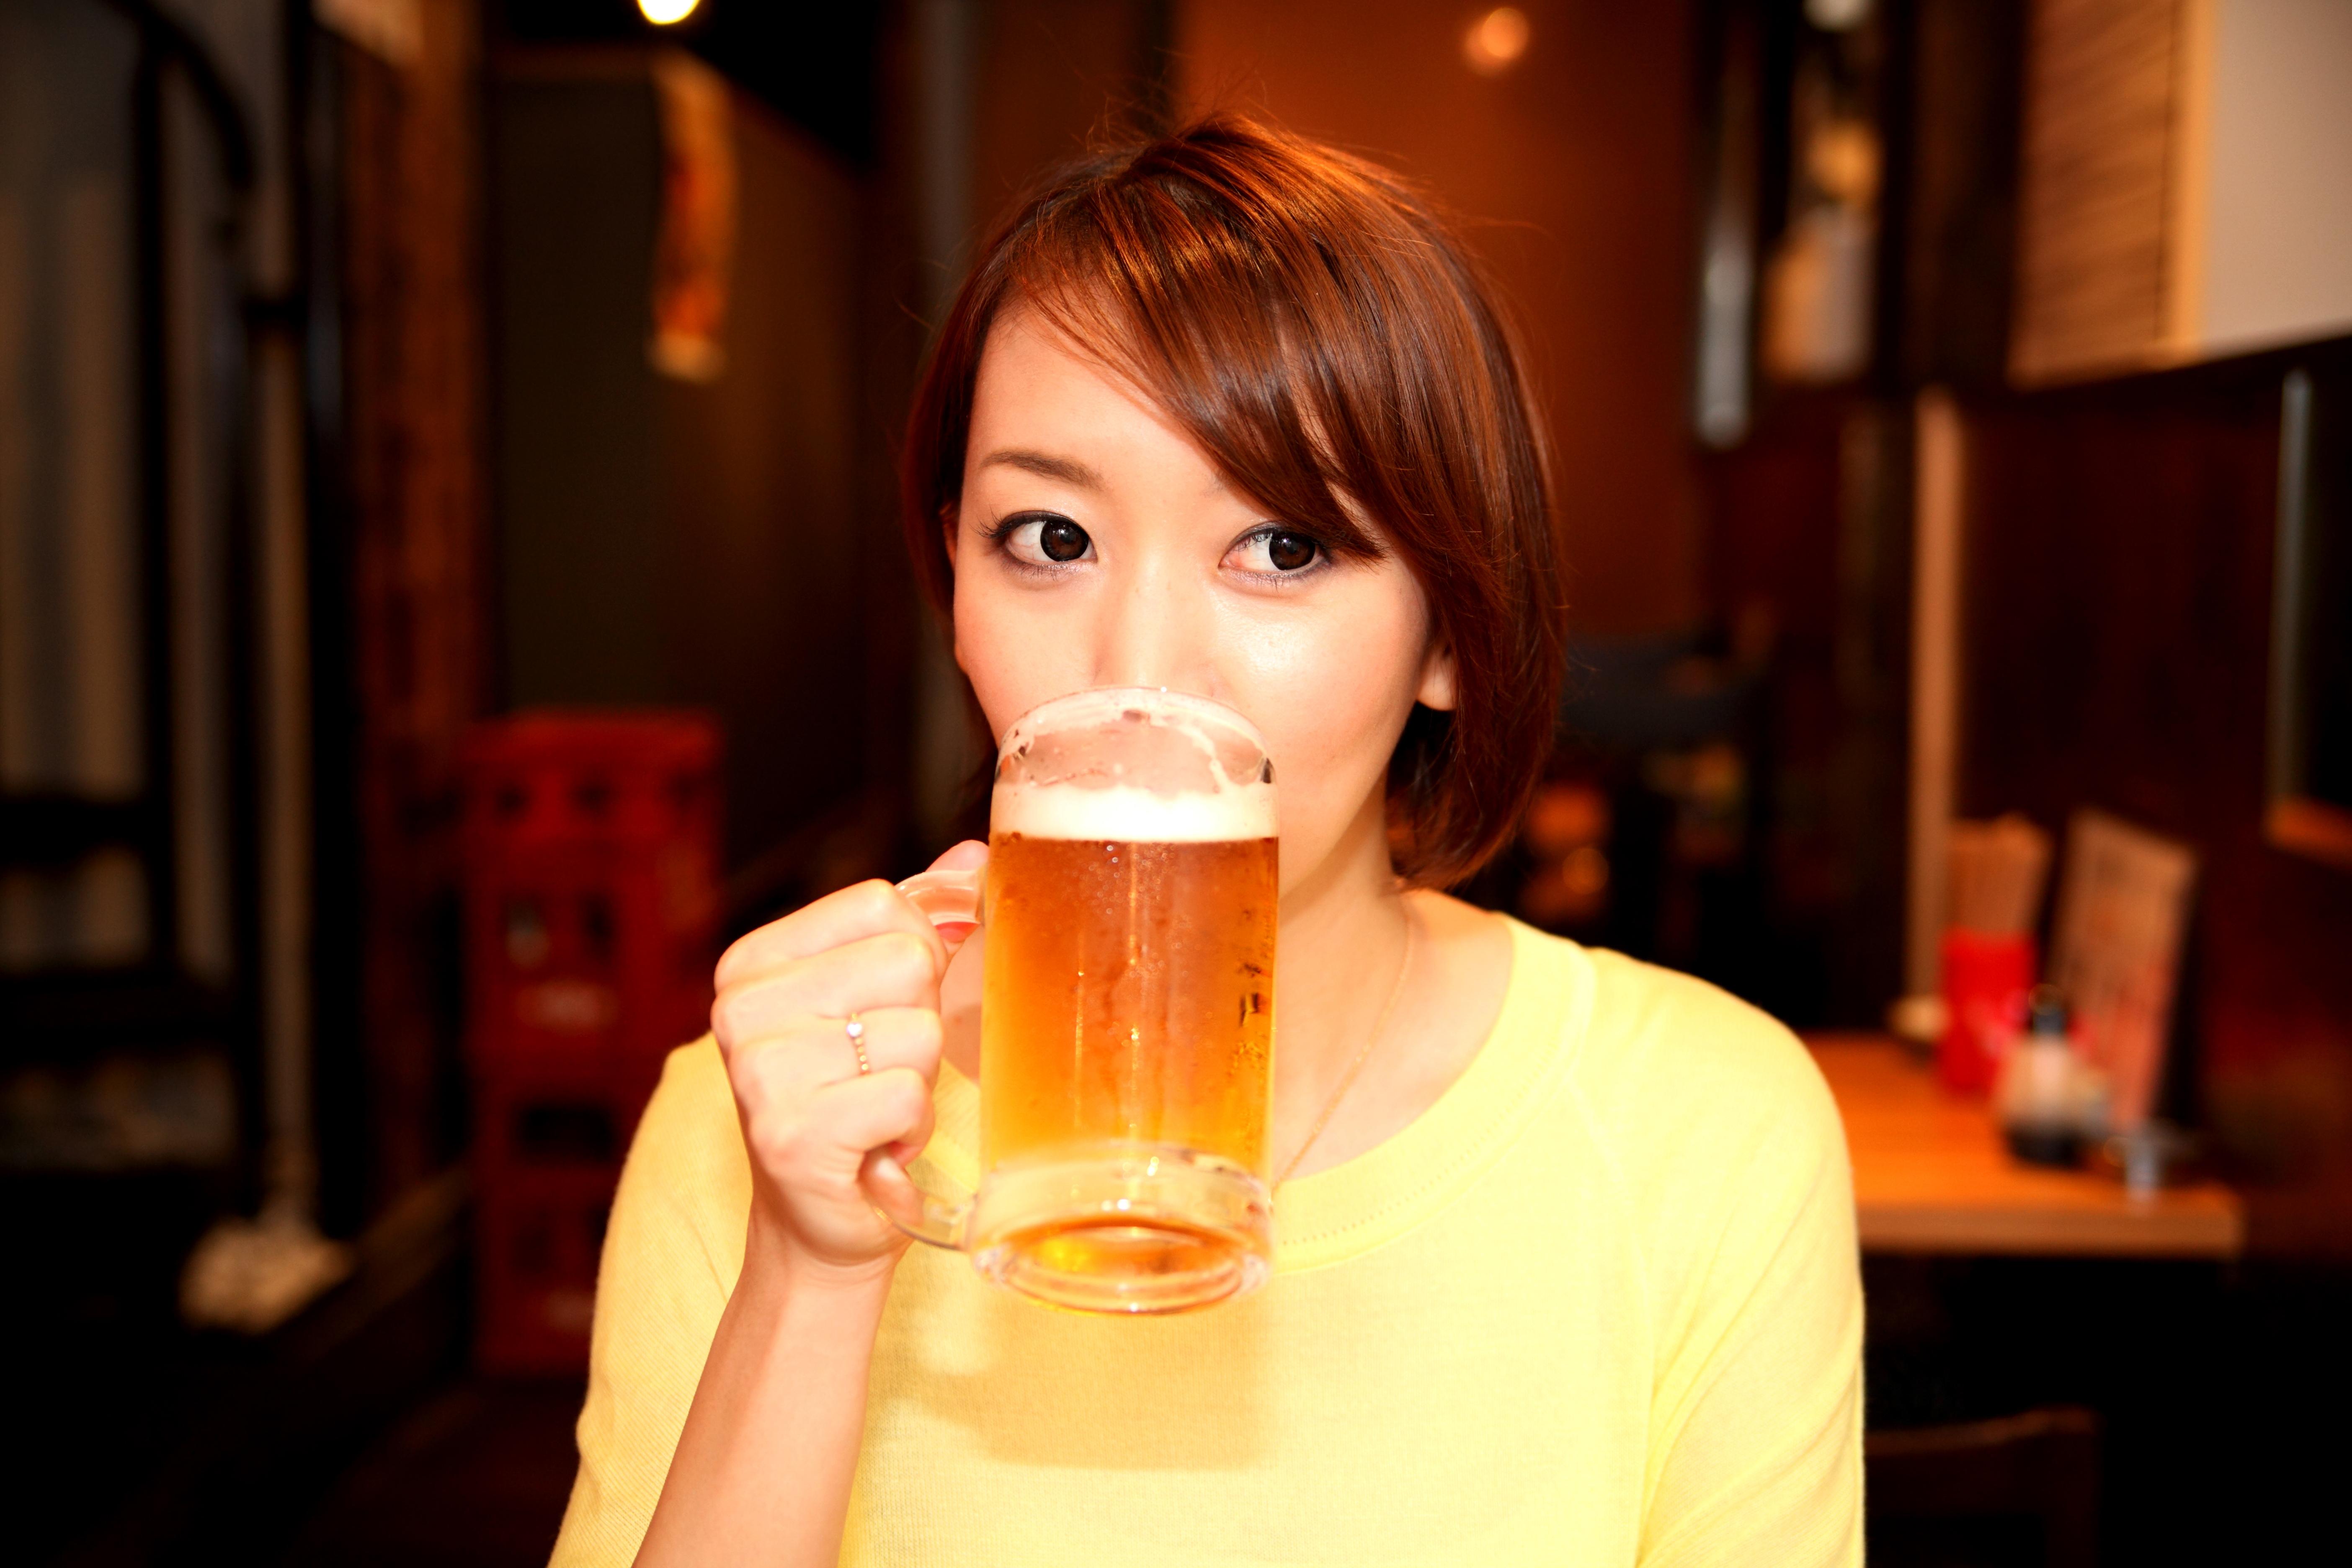 お酒と肥満との関係